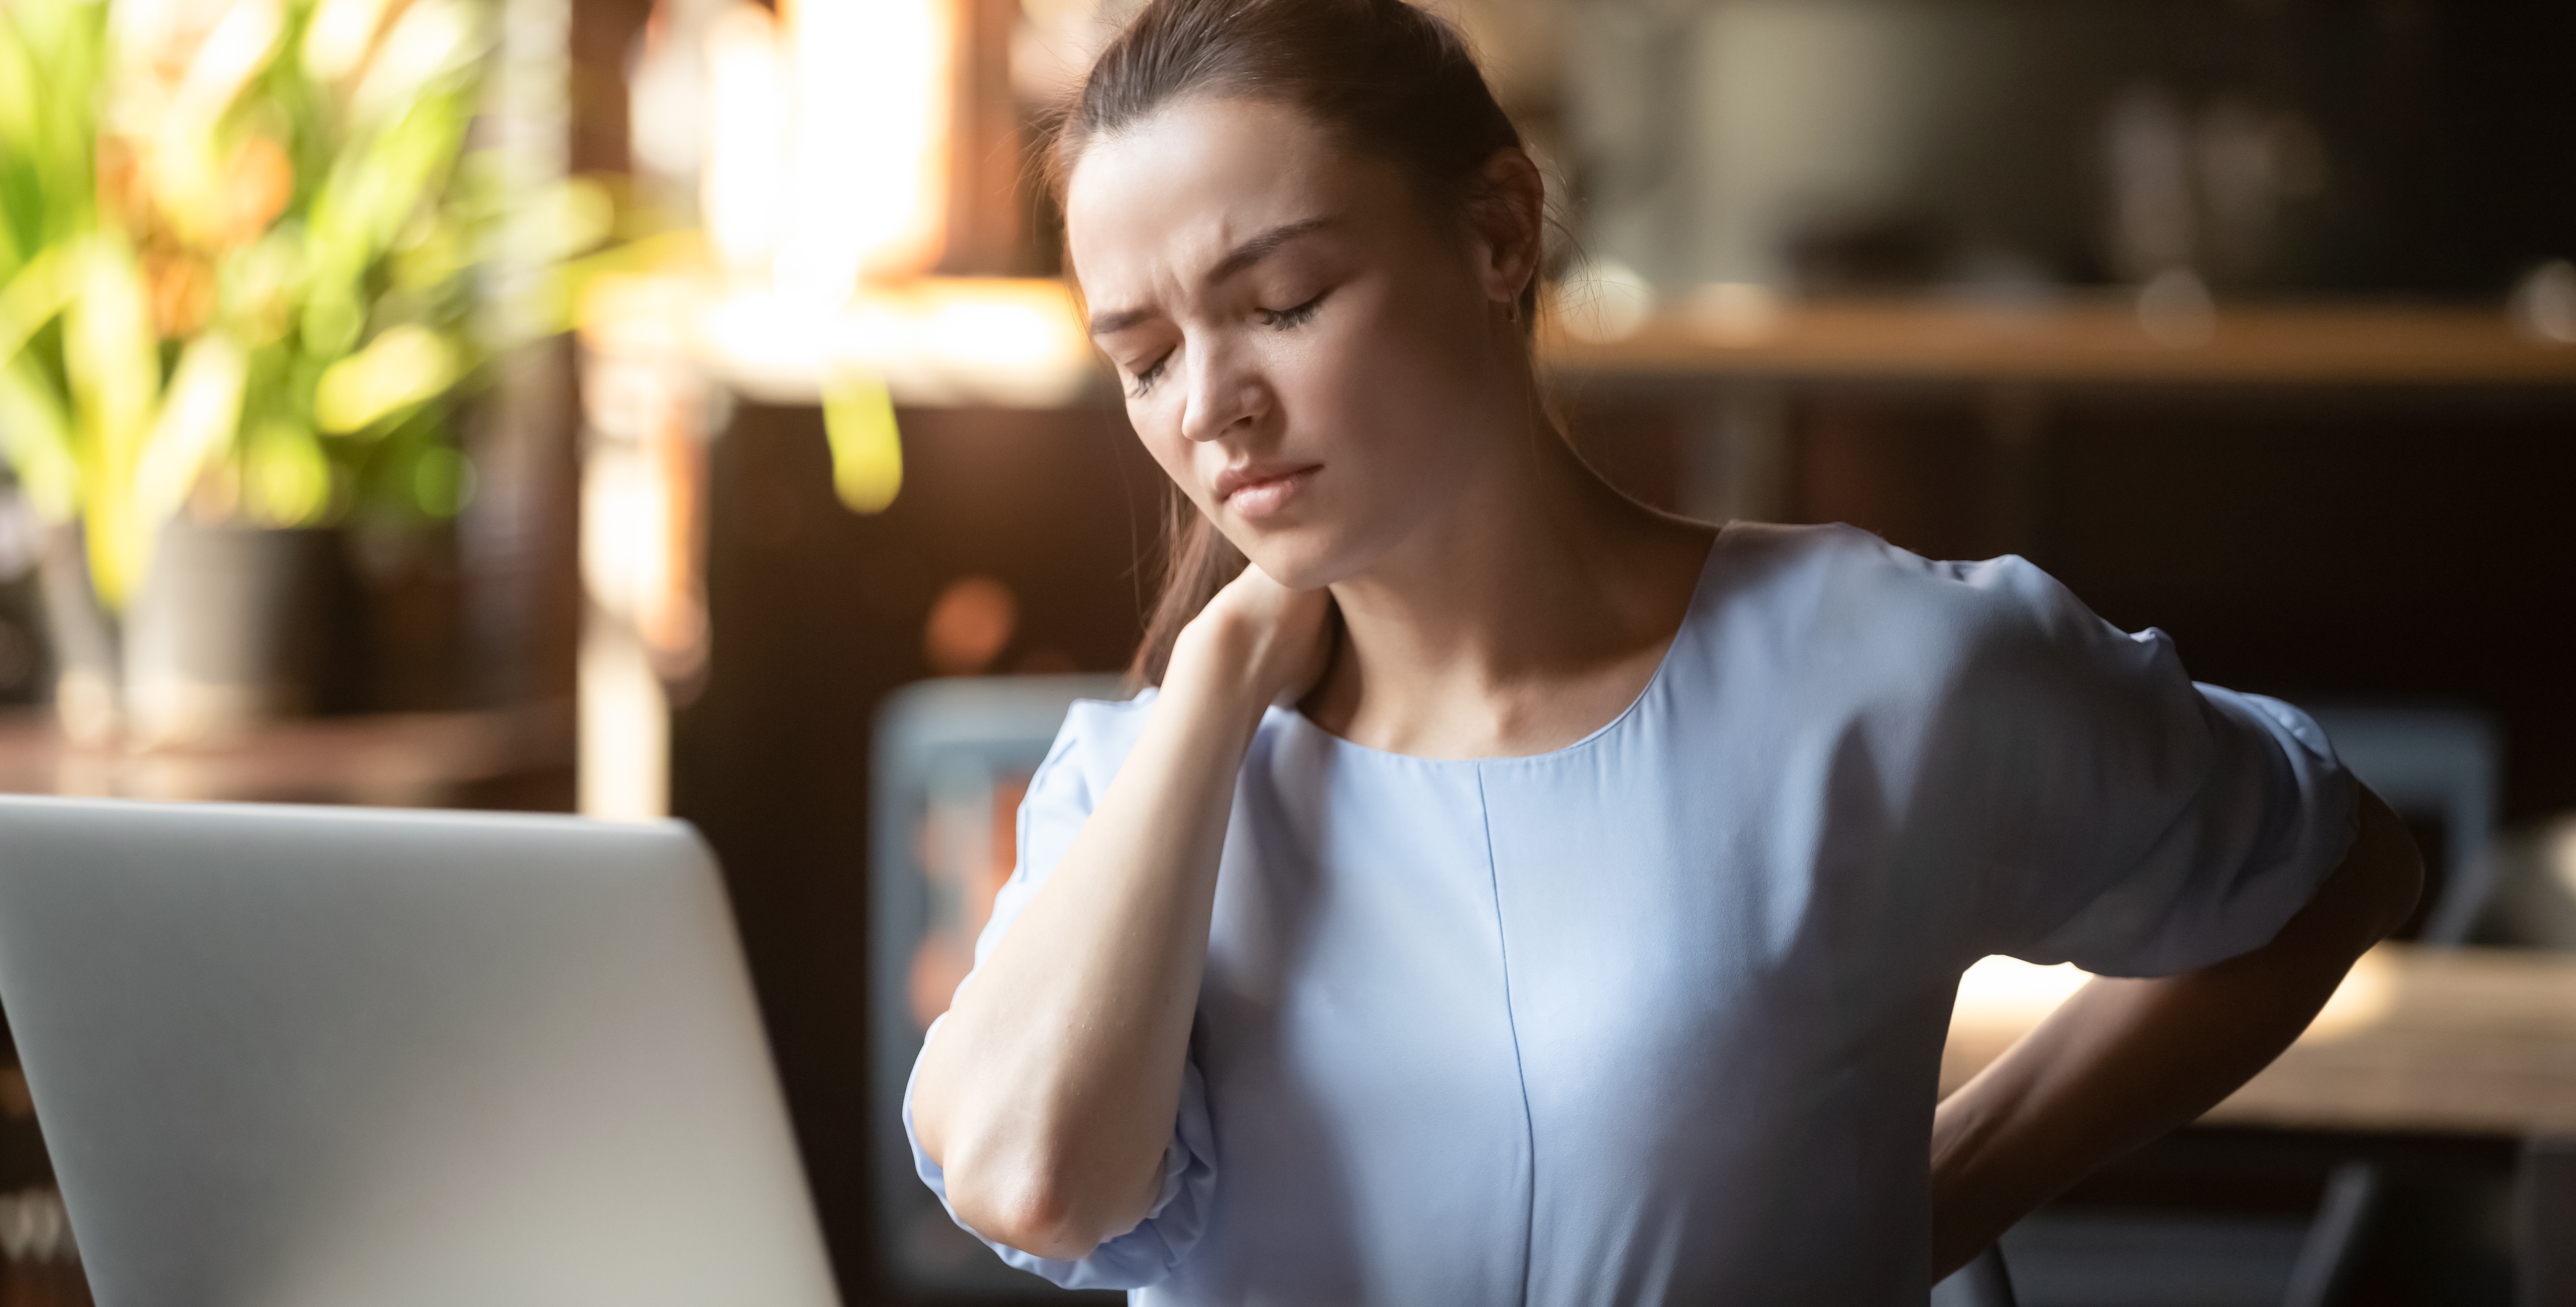 En ergonomisk riktig arbeidsstasjon kan bidra til å forebygge smerte